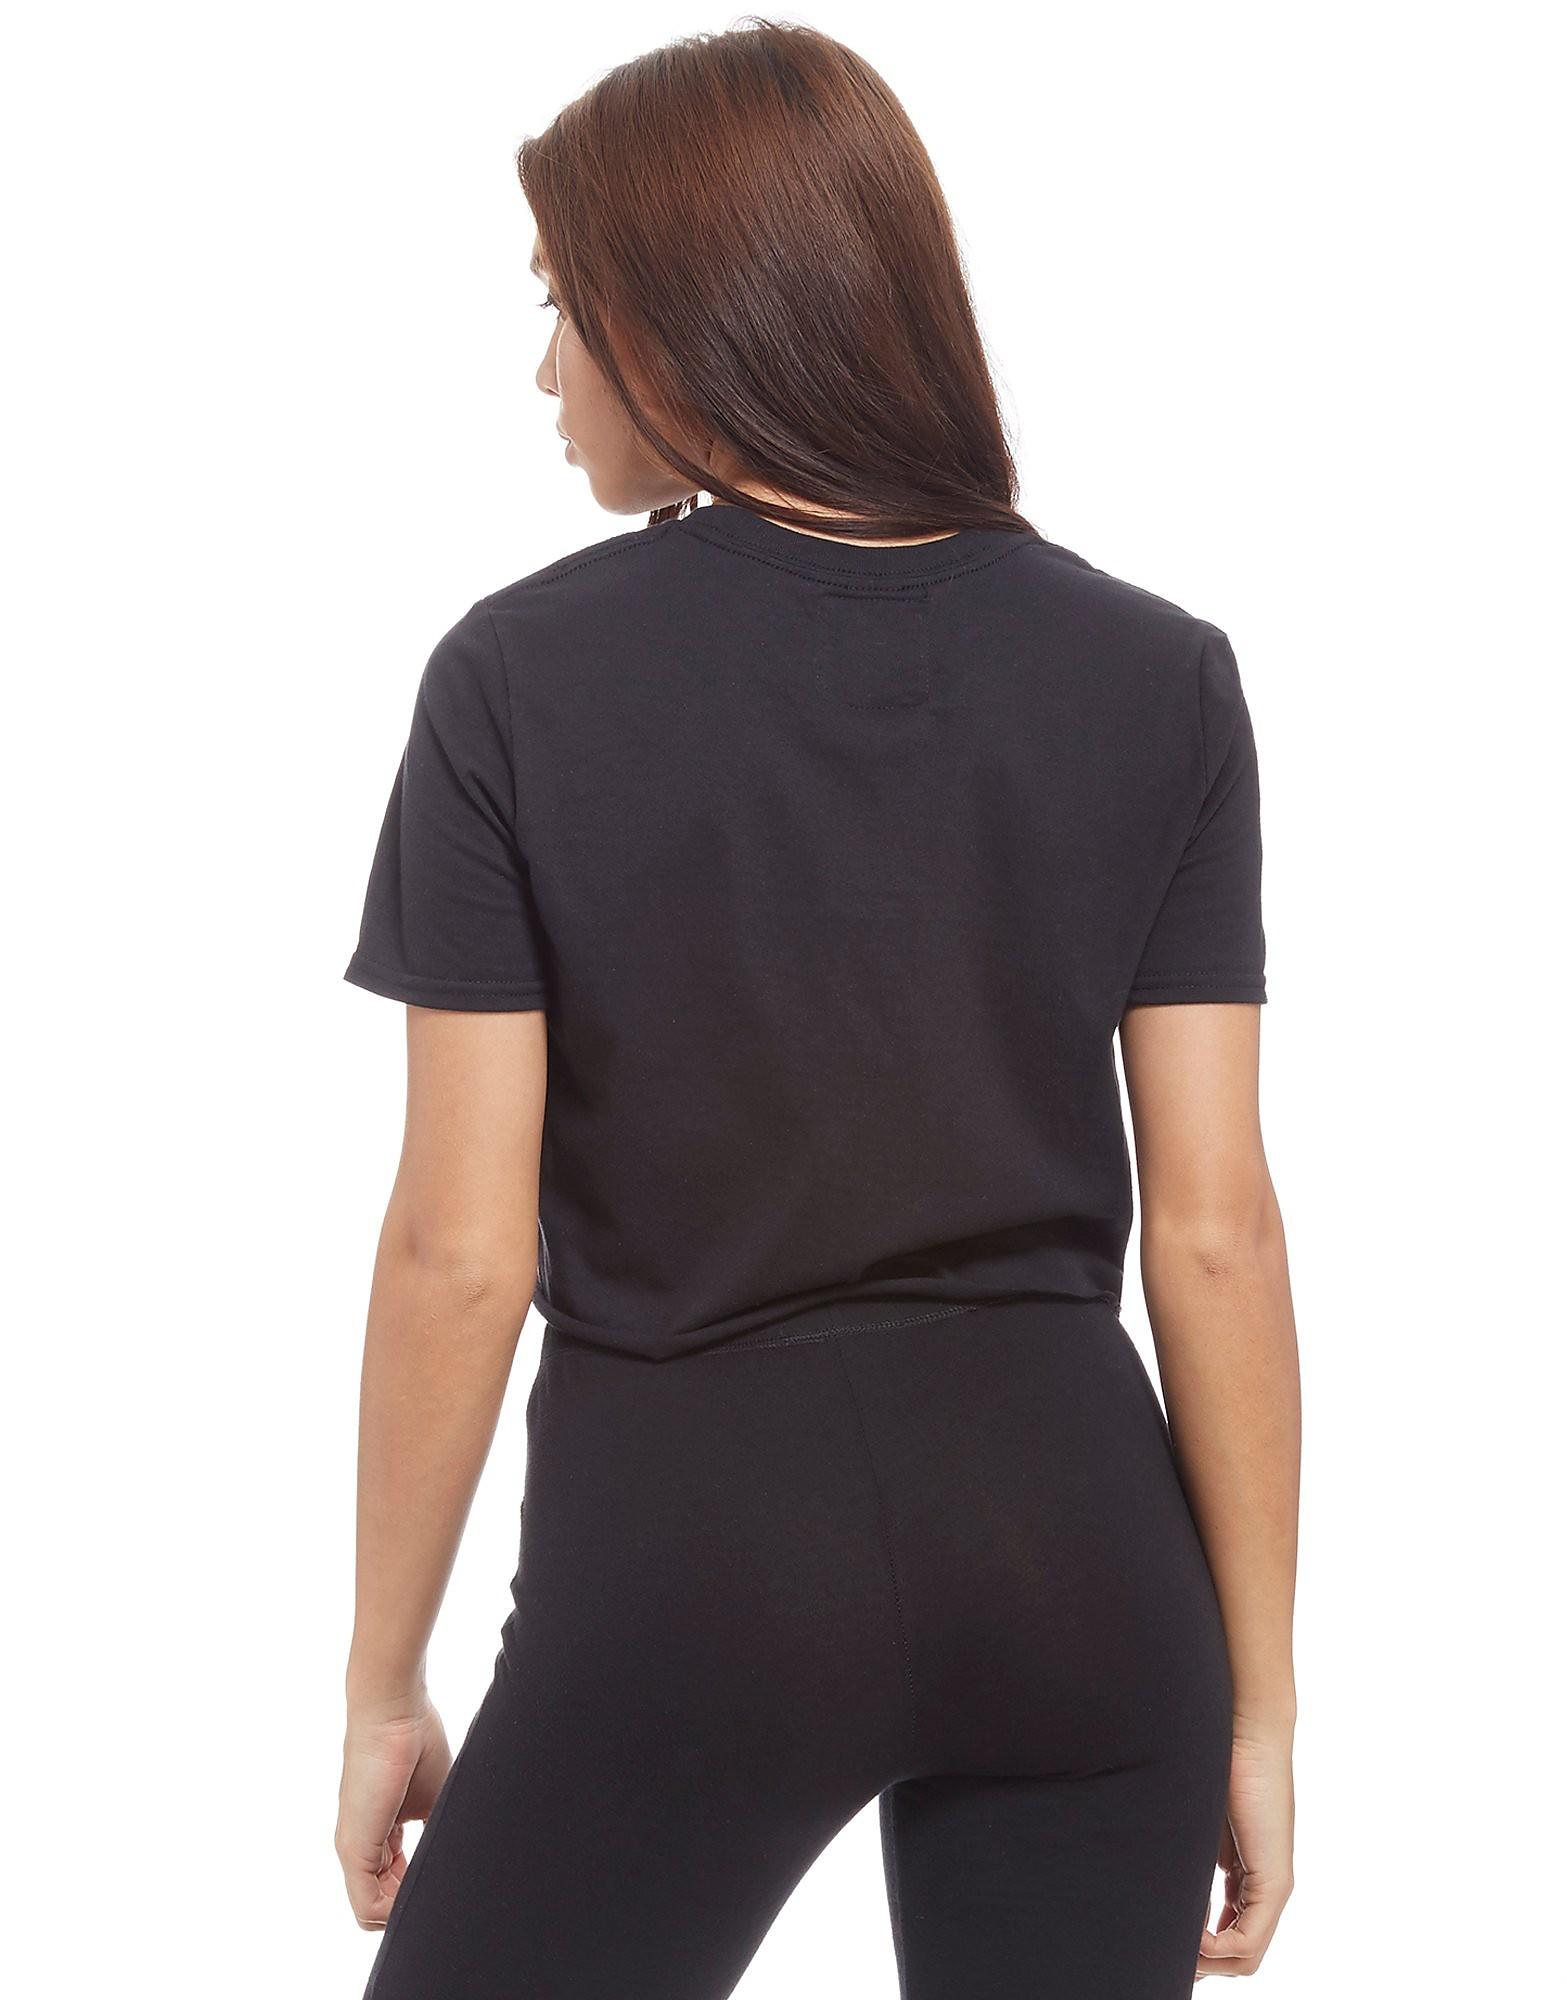 Supply & Demand Sass Girl Crop T-Shirt Dames